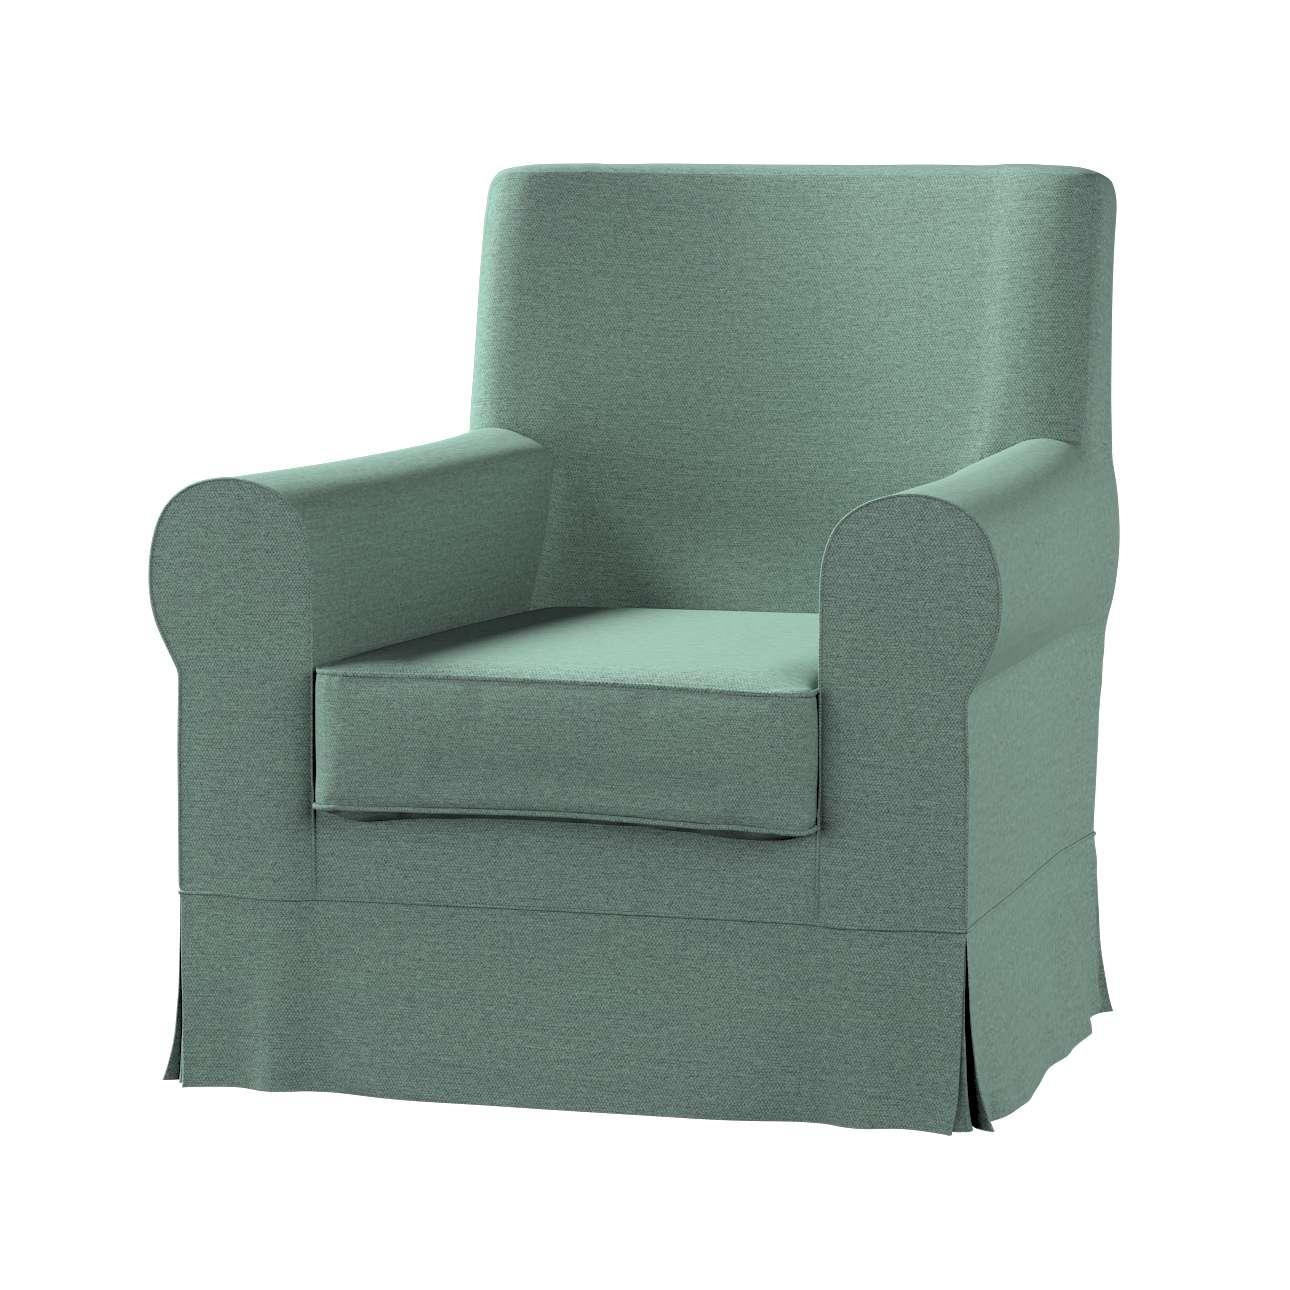 Pokrowiec na fotel Ektorp Jennylund w kolekcji Madrid, tkanina: 161-89